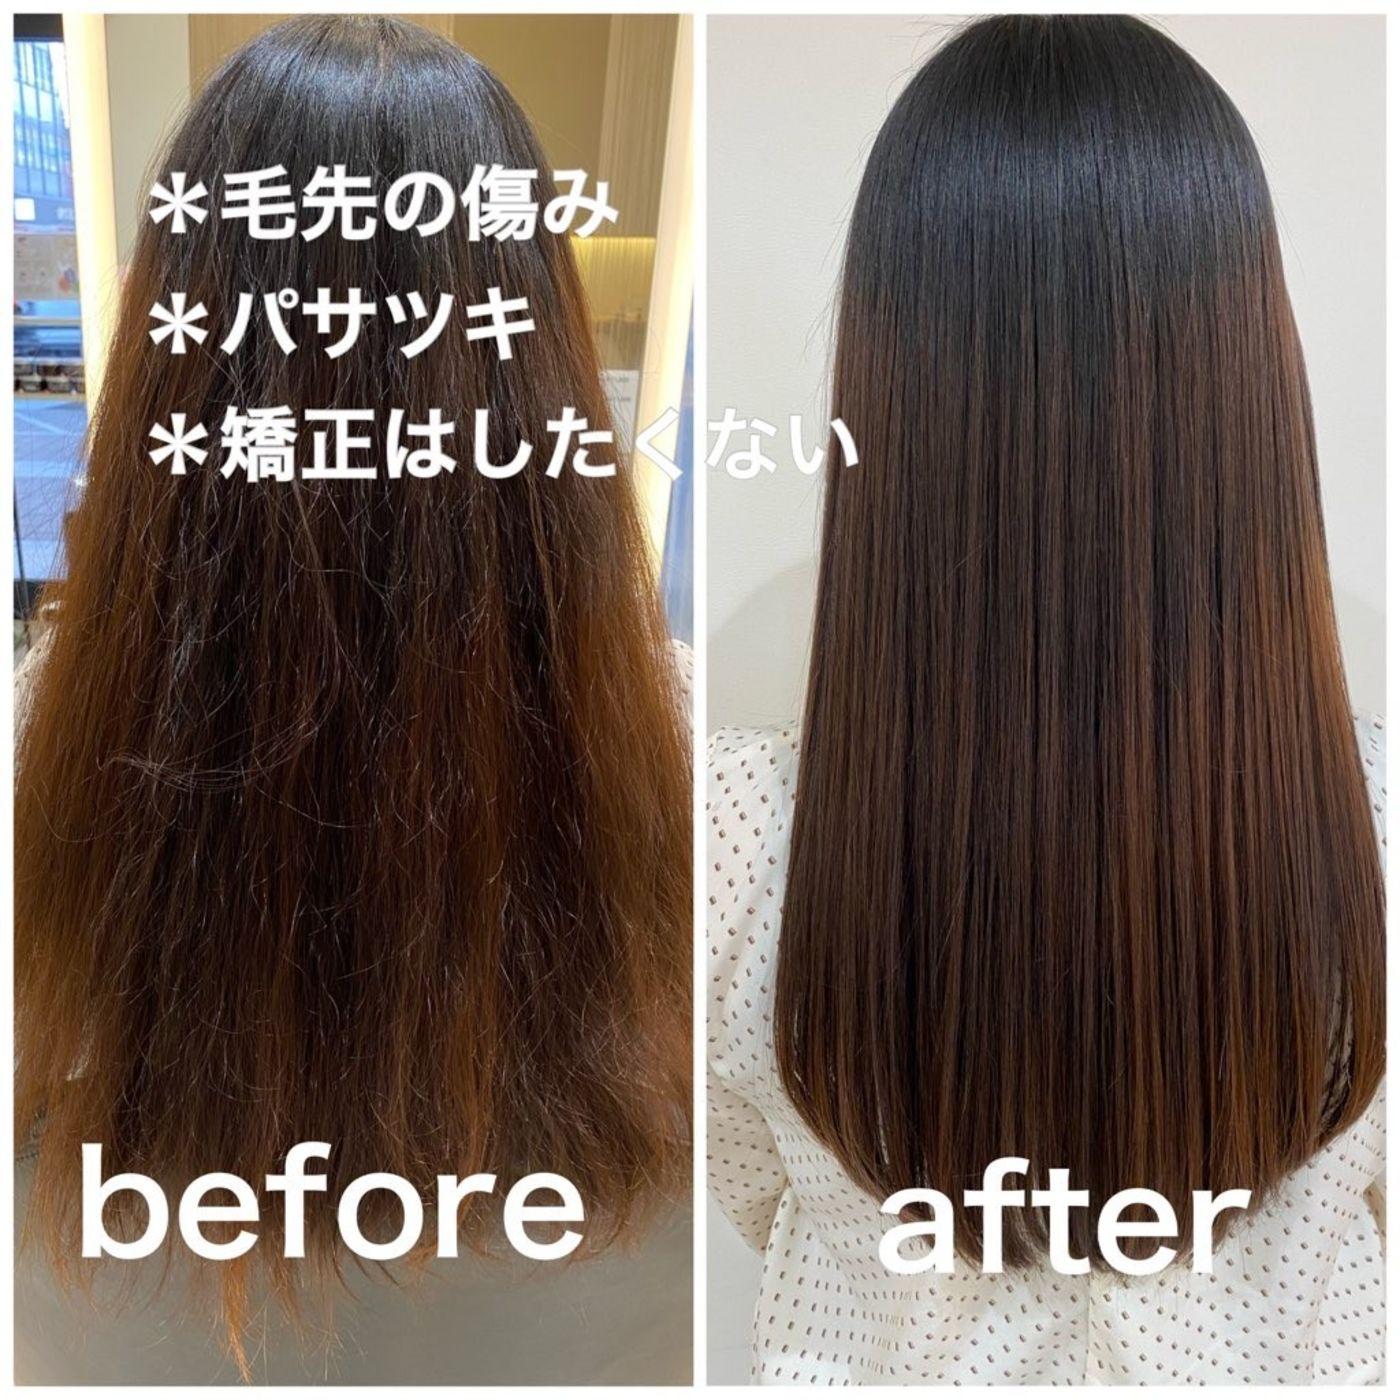 【ビフォーアフター】酸熱髪質改善